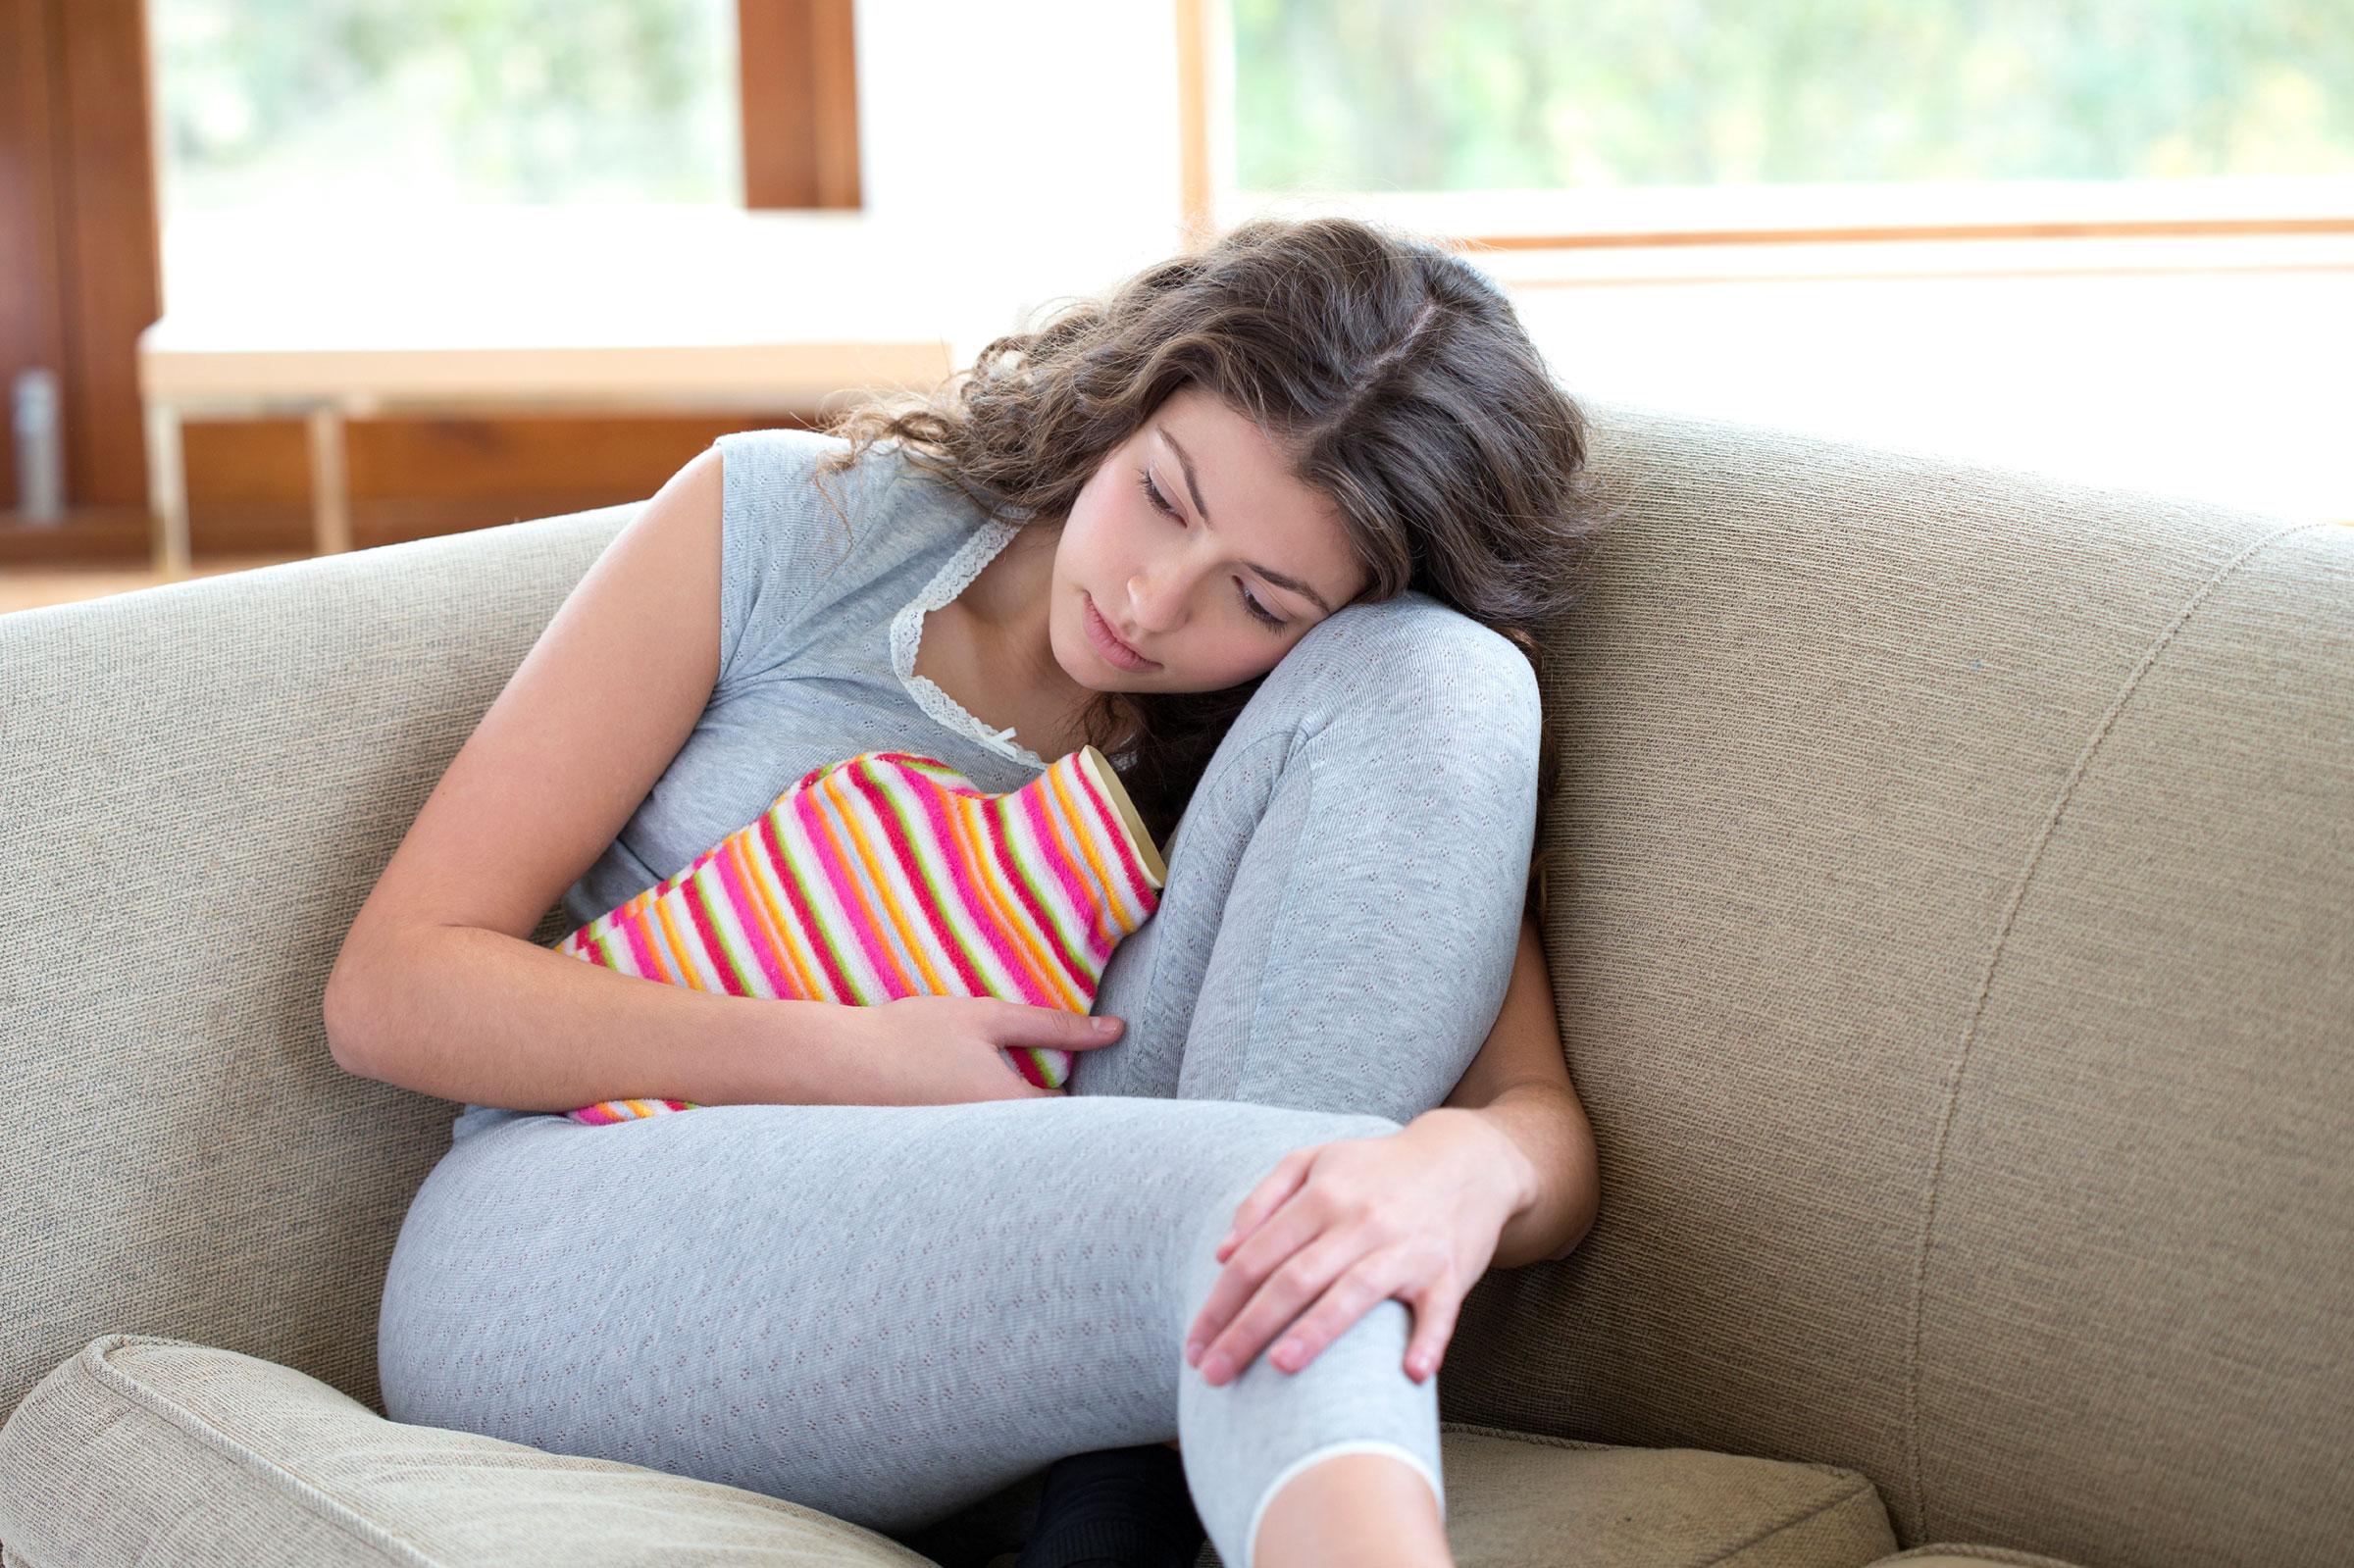 Первые месячные удевочек (менархе): когда начинаются, ранние признаки взросления, патологические симптомы